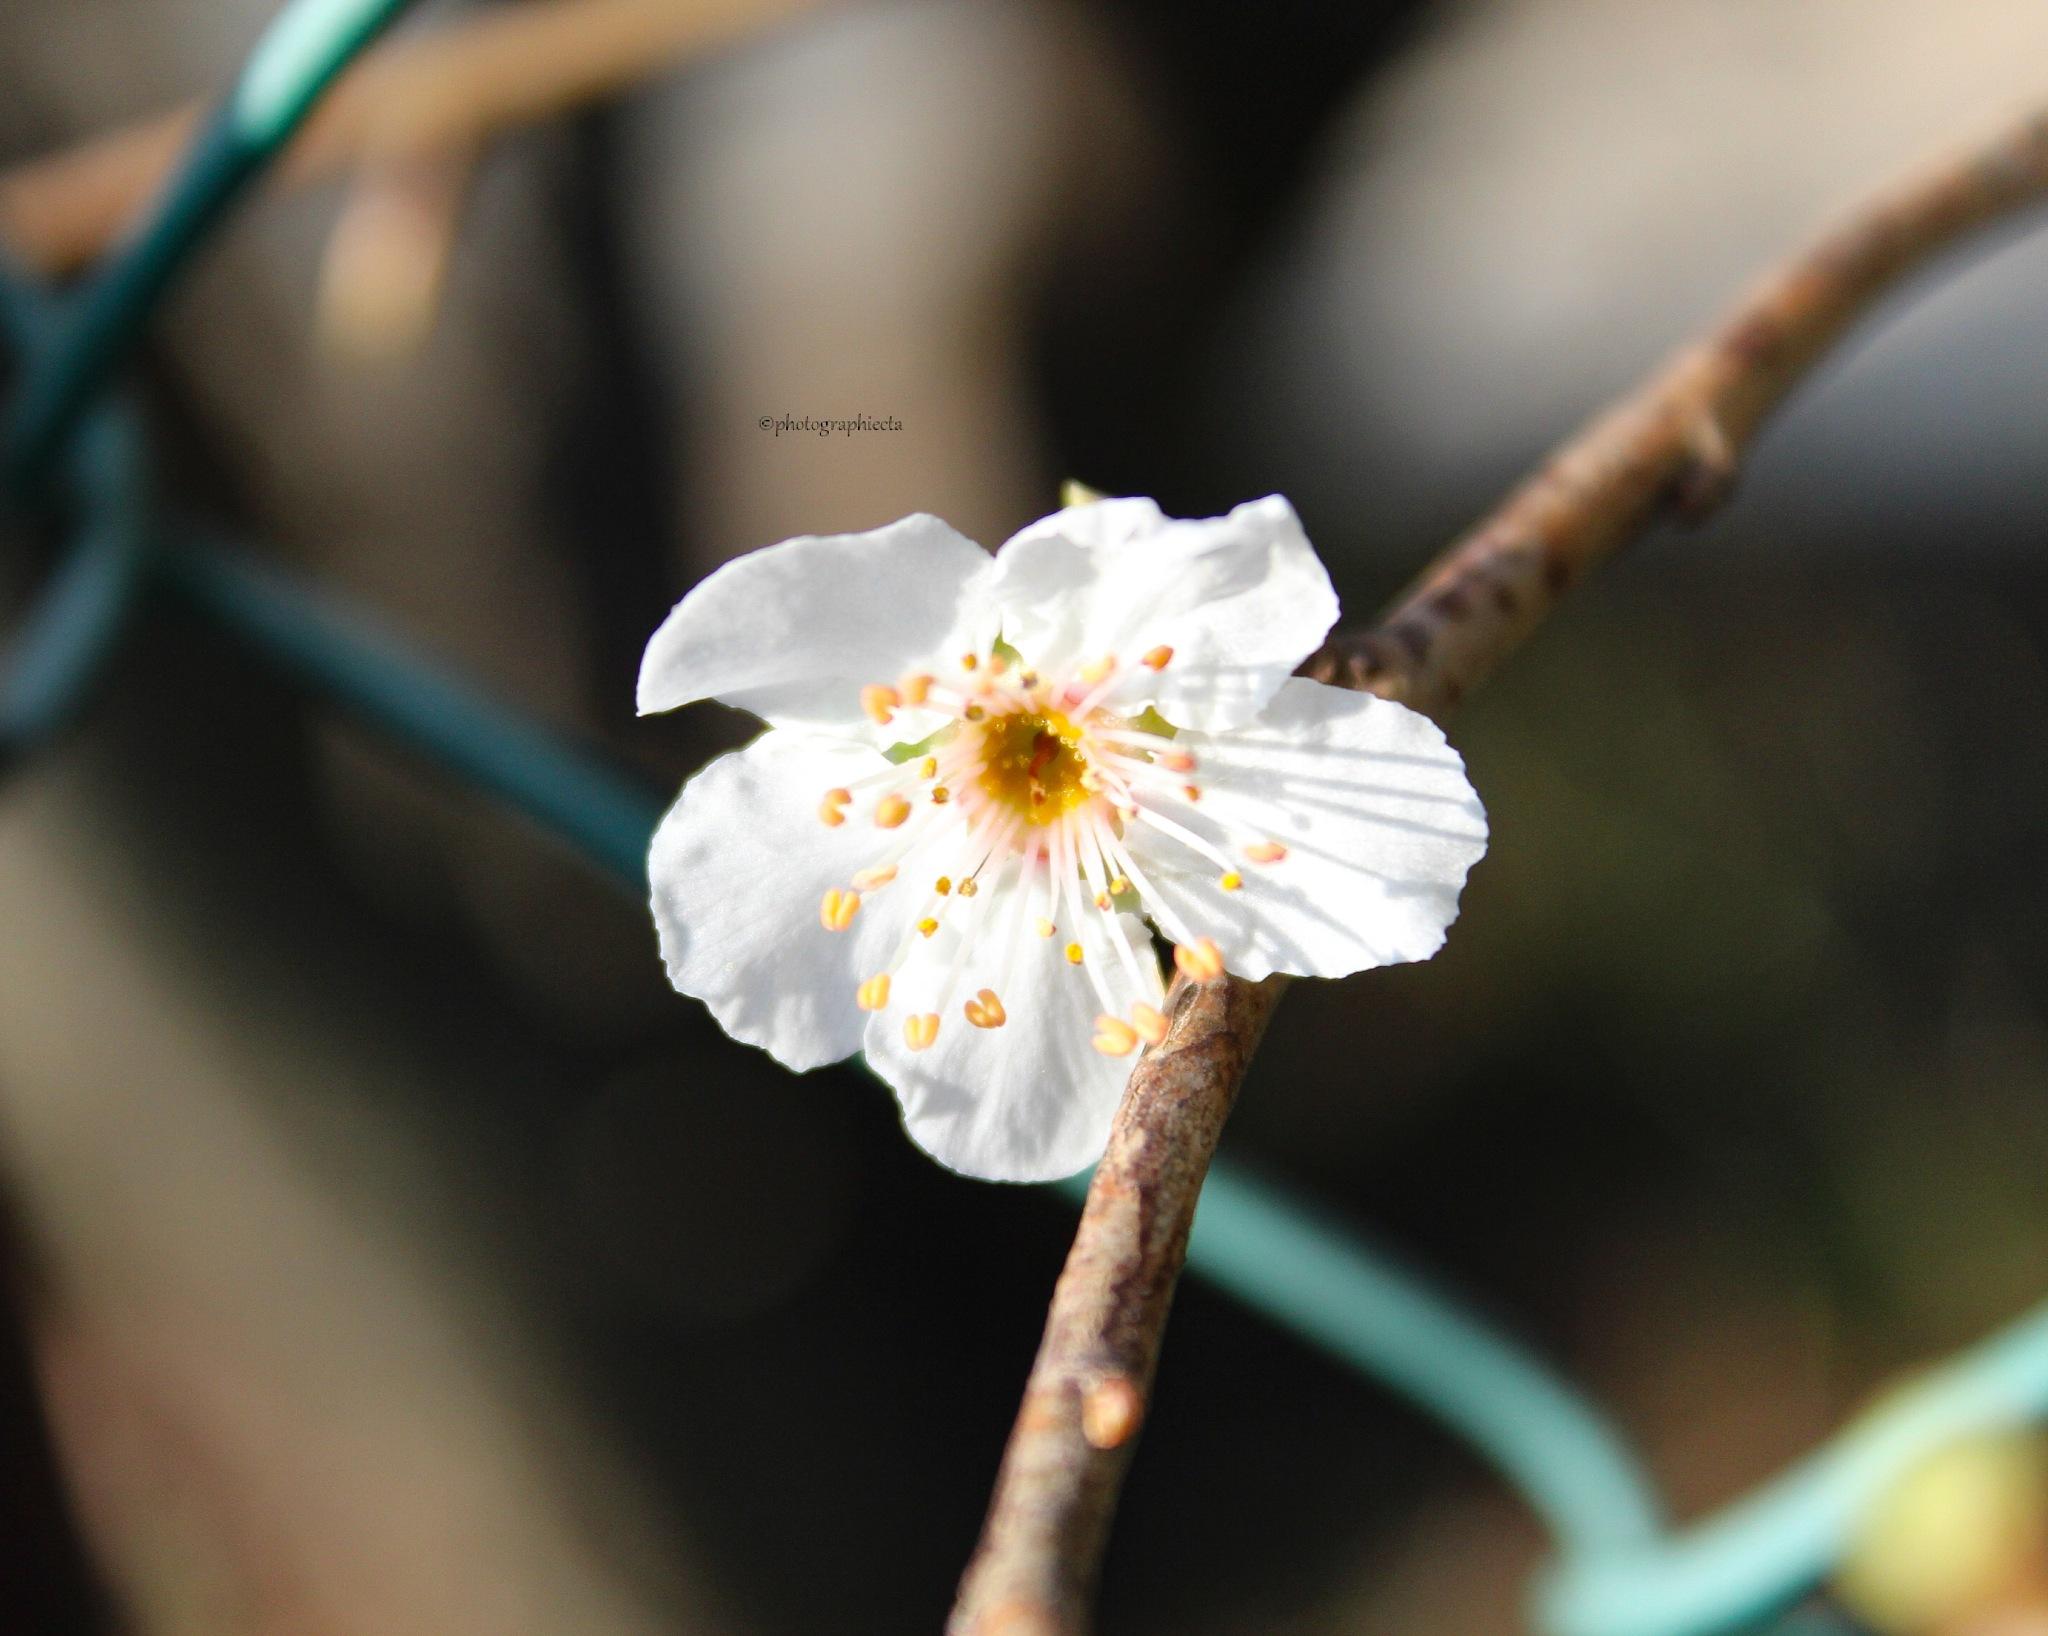 Fleurs de cerisiers by Amandine castilla